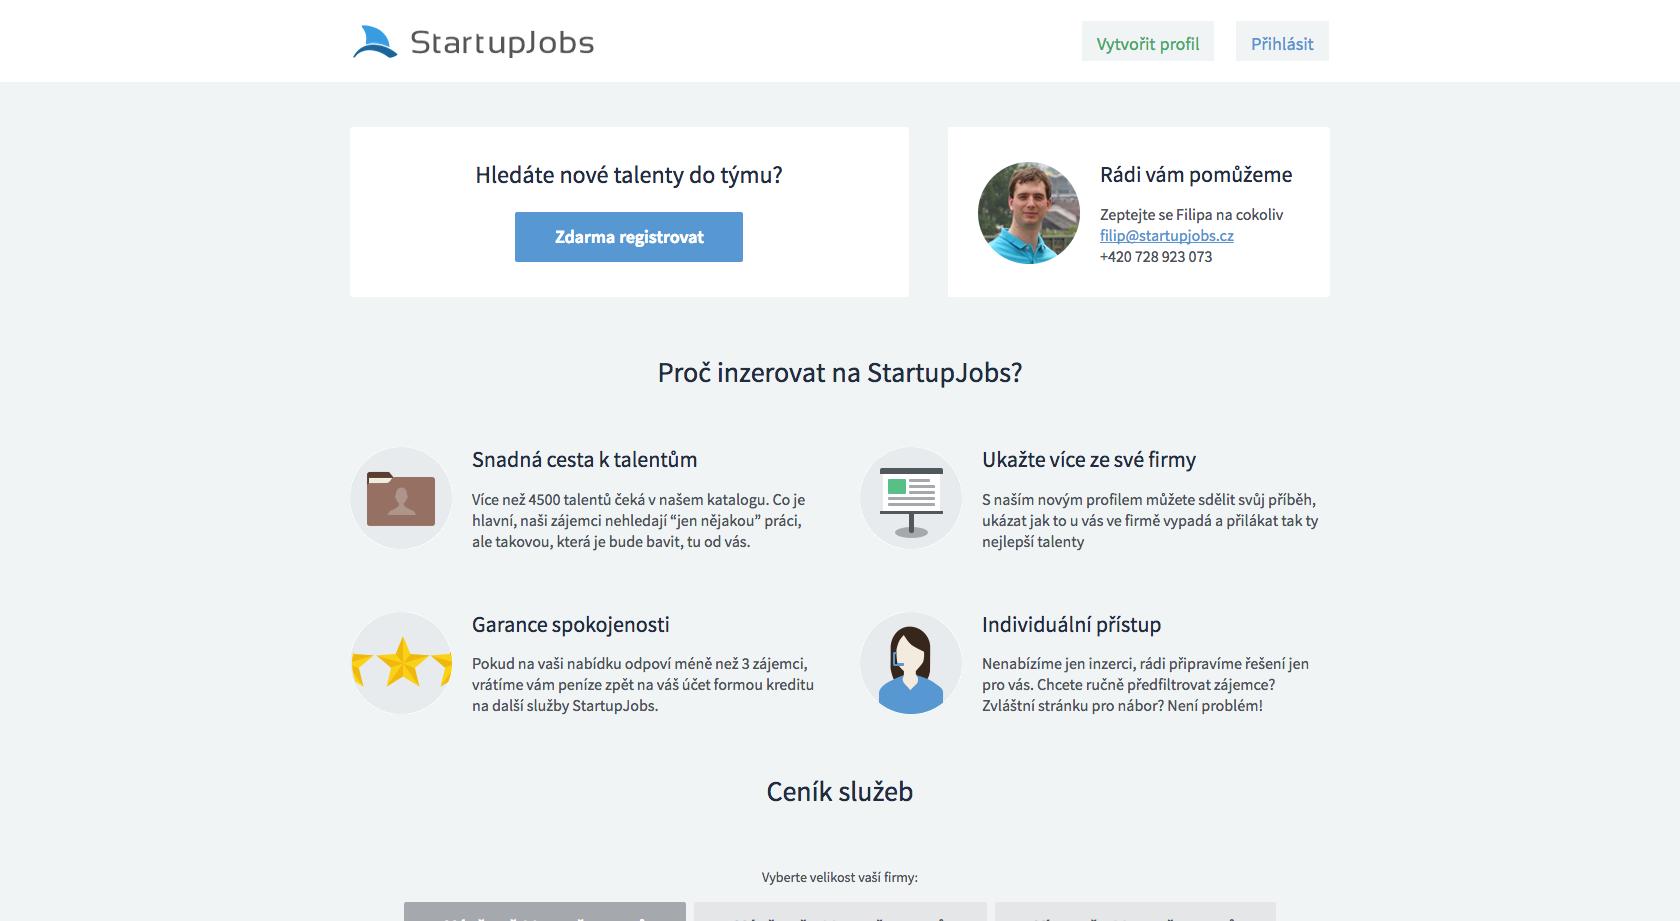 startupjobsfirmy